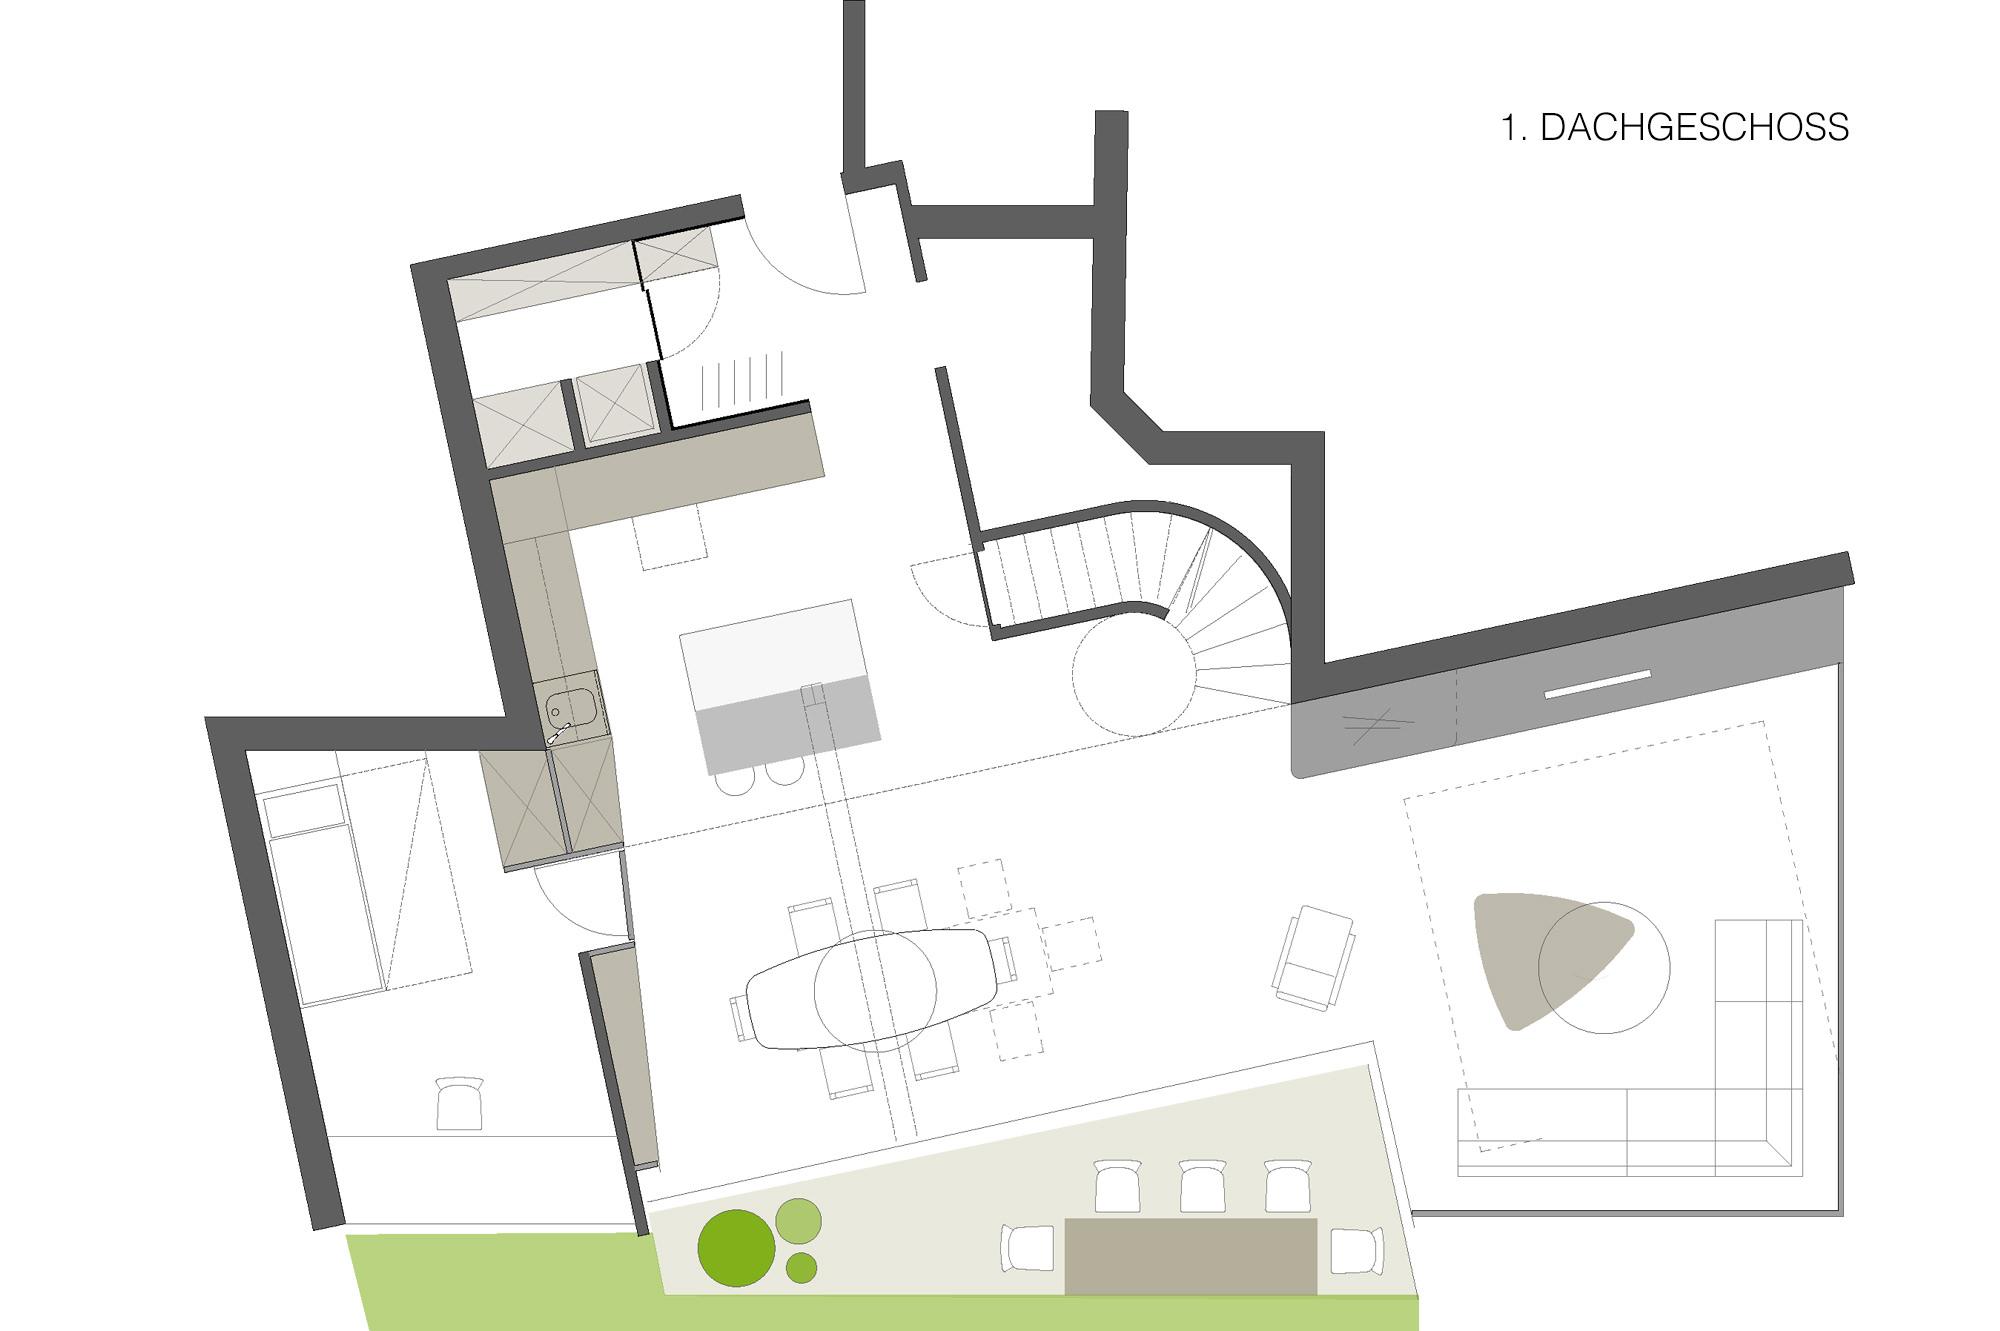 penthouse_W_09_umbau_dachausbau_1040_wien_junger_beer_architektur